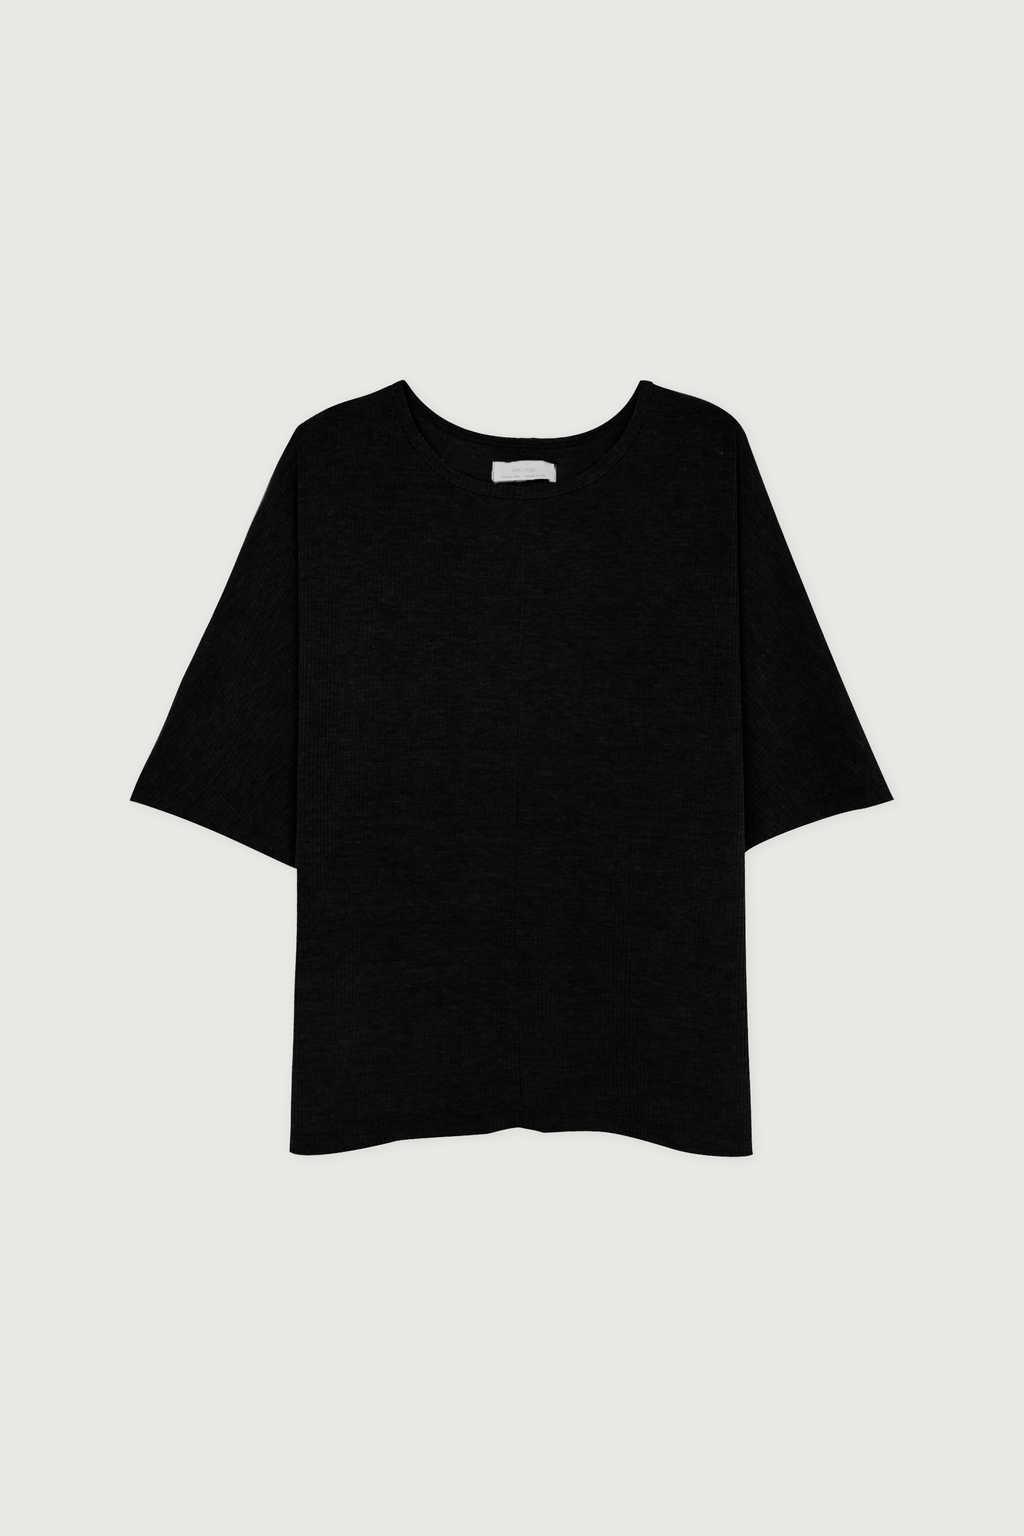 TShirt 3426 Black 7